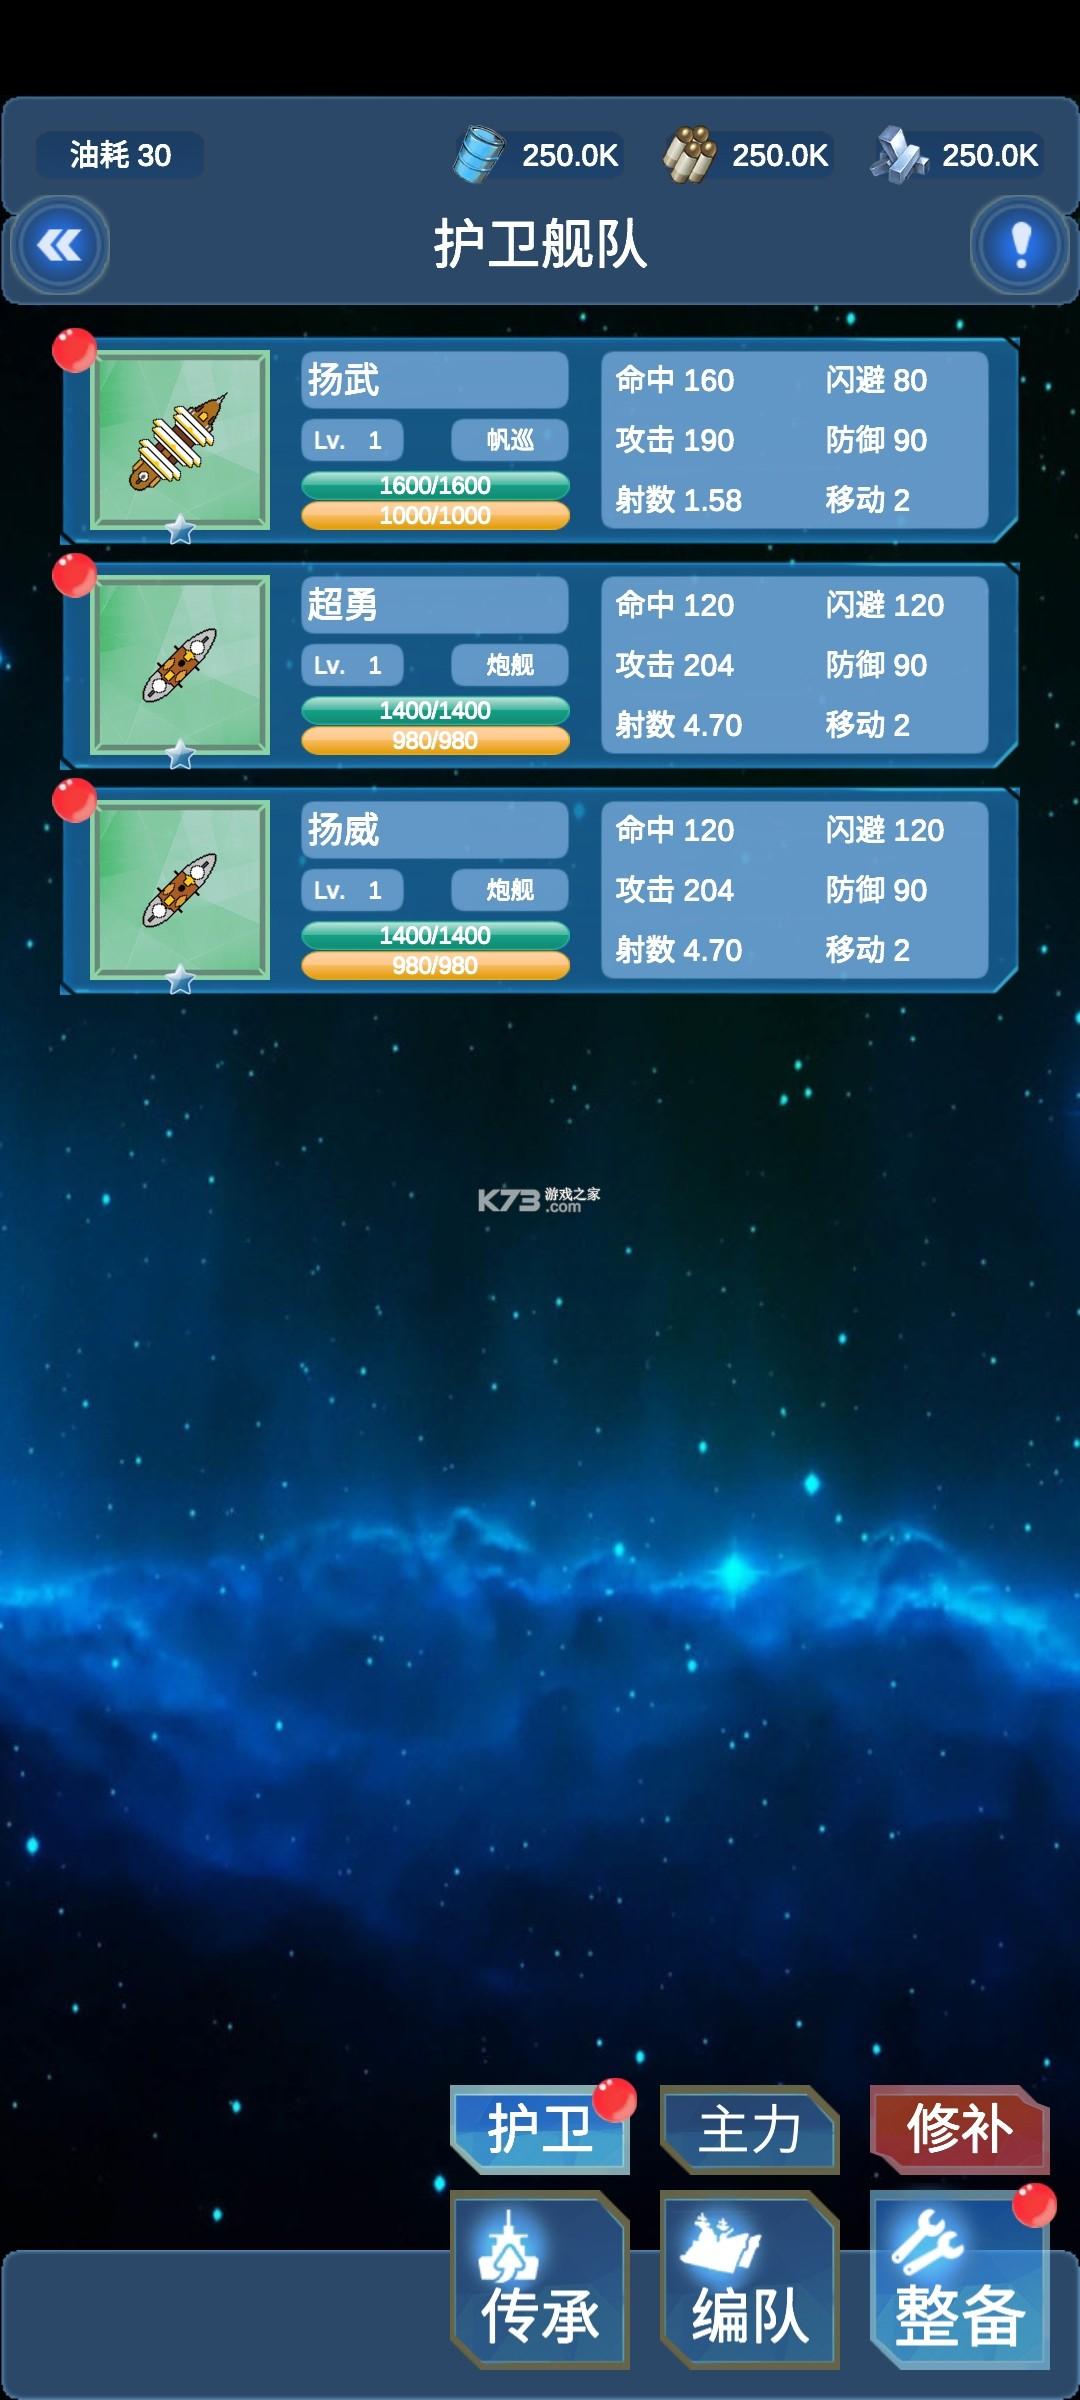 北洋海战棋 v21.0429 破解版 截图